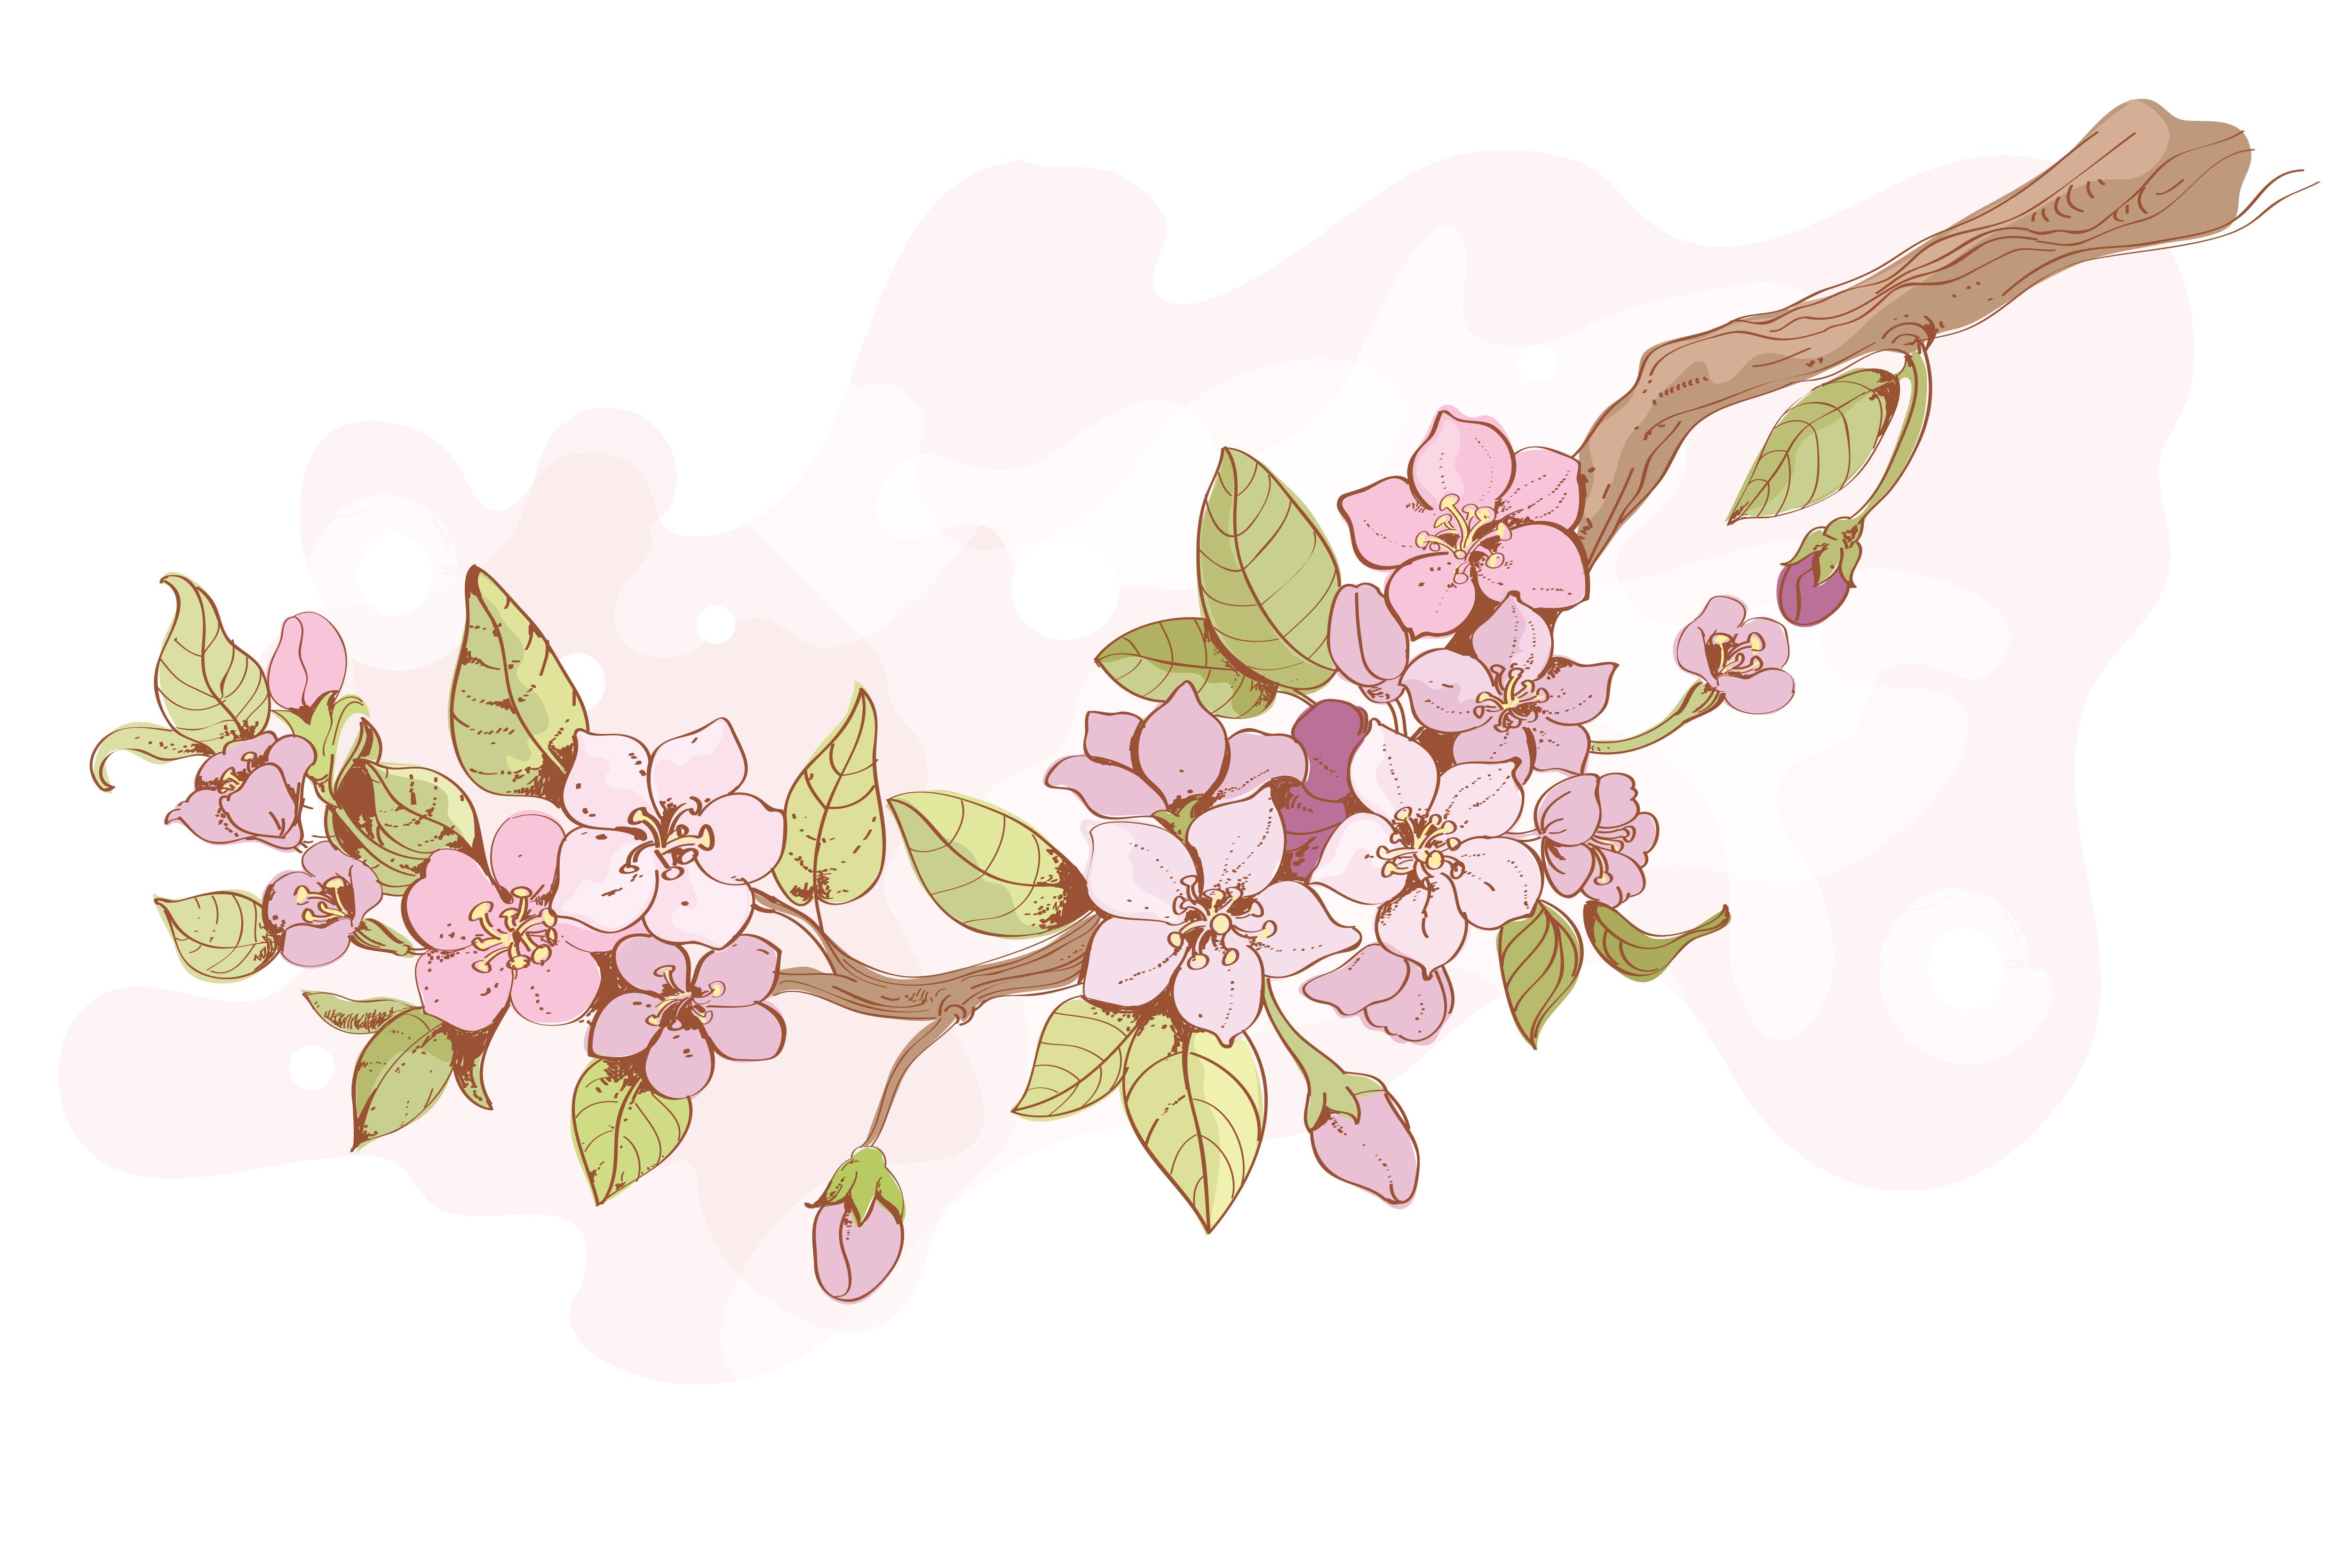 Branche De Cerisier Sakura Telecharger Vectoriel Gratuit Clipart Graphique Vecteur Dessins Et Pictogramme Gratuit